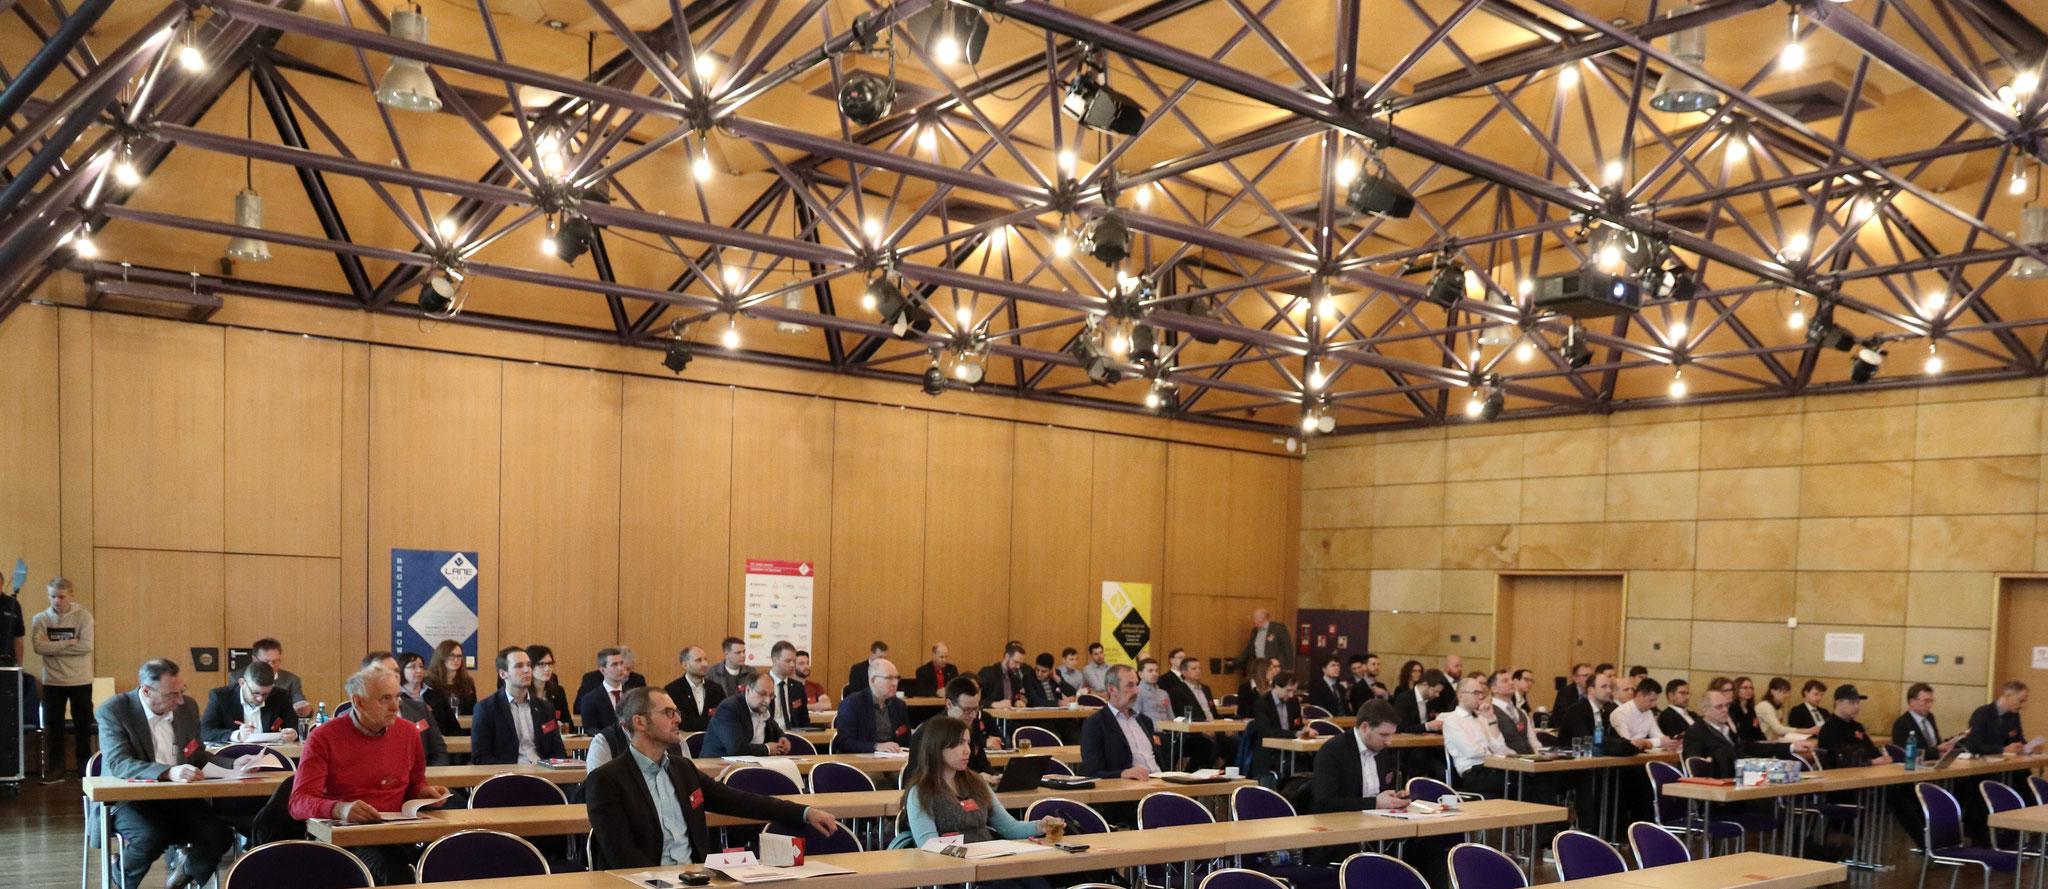 Die LEF-Teilnehmerinnen und Teilnehmer lauschten gespannt den anwendungsbezogenen Fachvorträgen in der Stadthalle Fürth